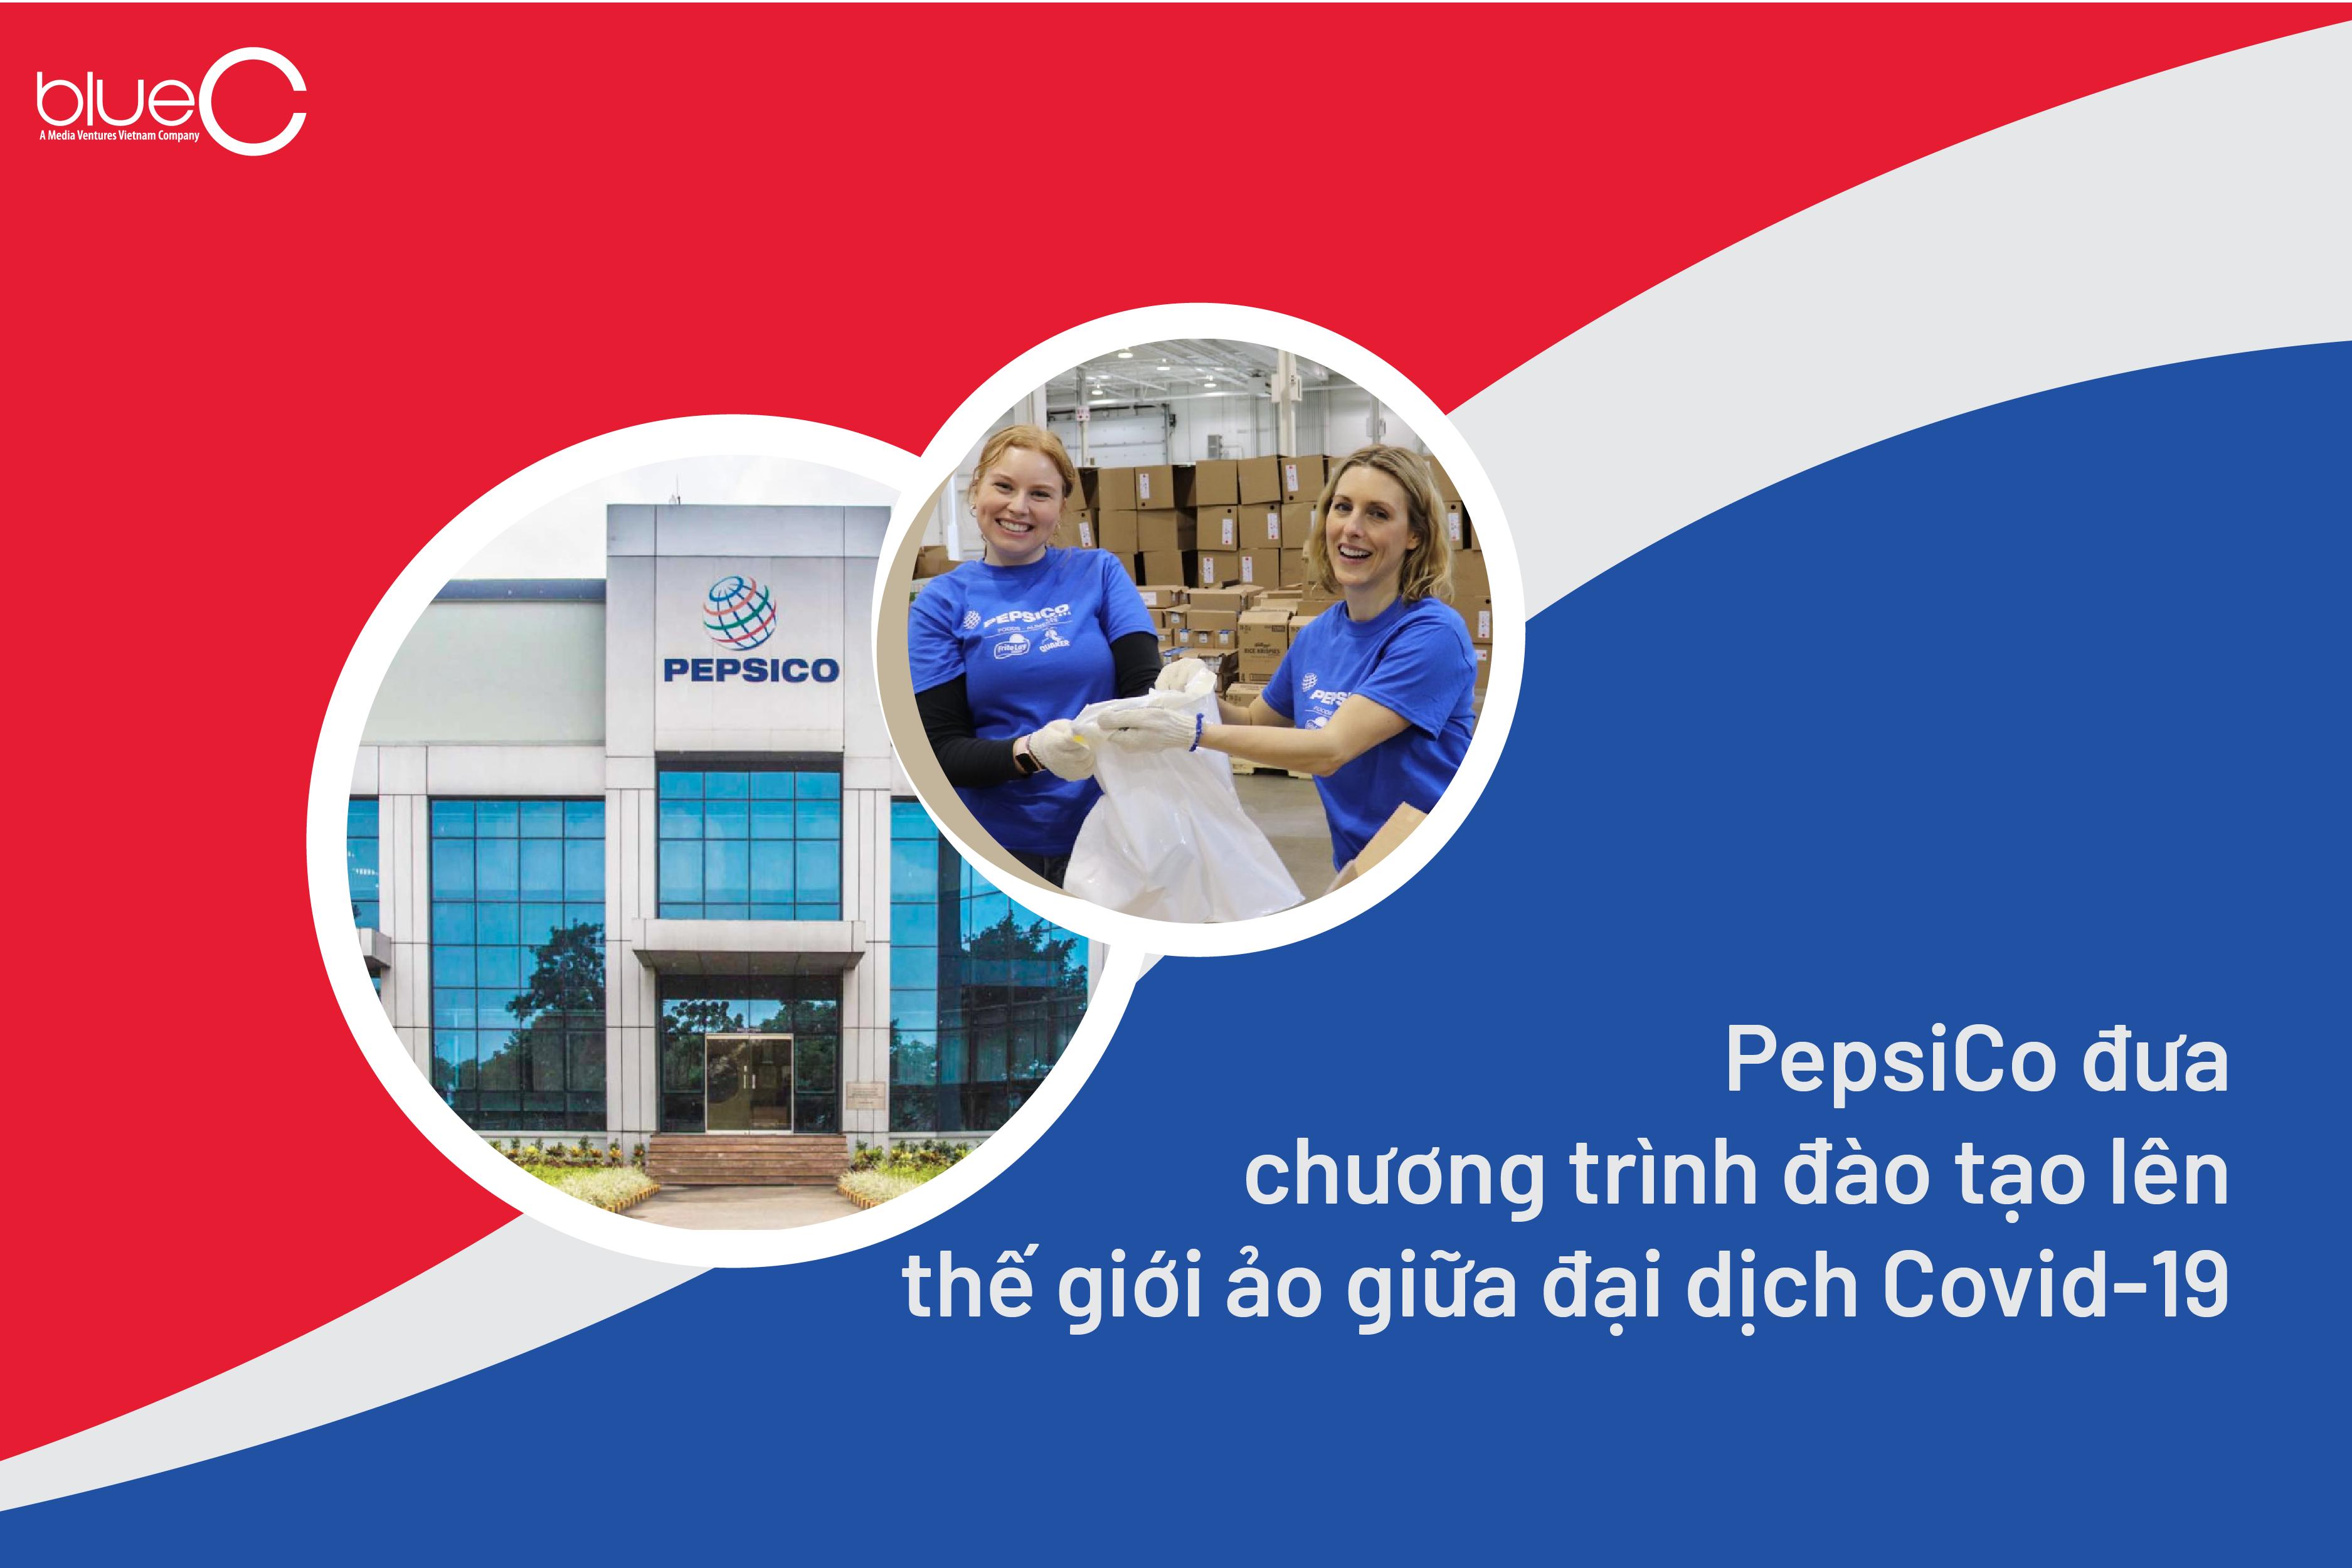 PepsiCo đưa chương trình đào tạo lên thế giới ảo giữa đại dịch Covid-19